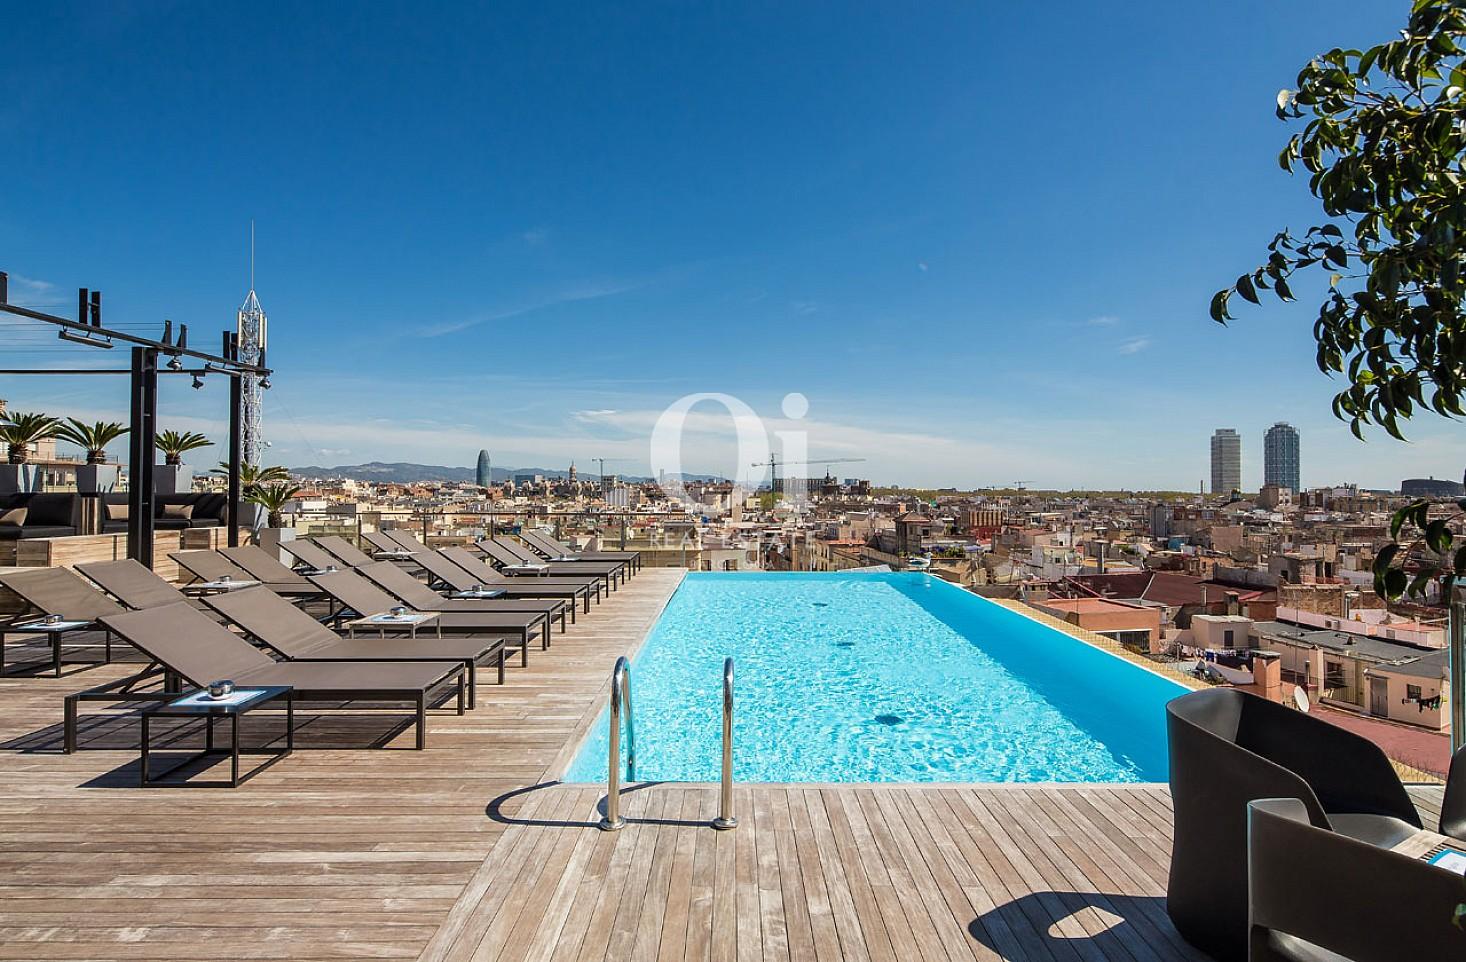 Pool des exklusivem, aktiven Hotel zum Kauf in Barcelona